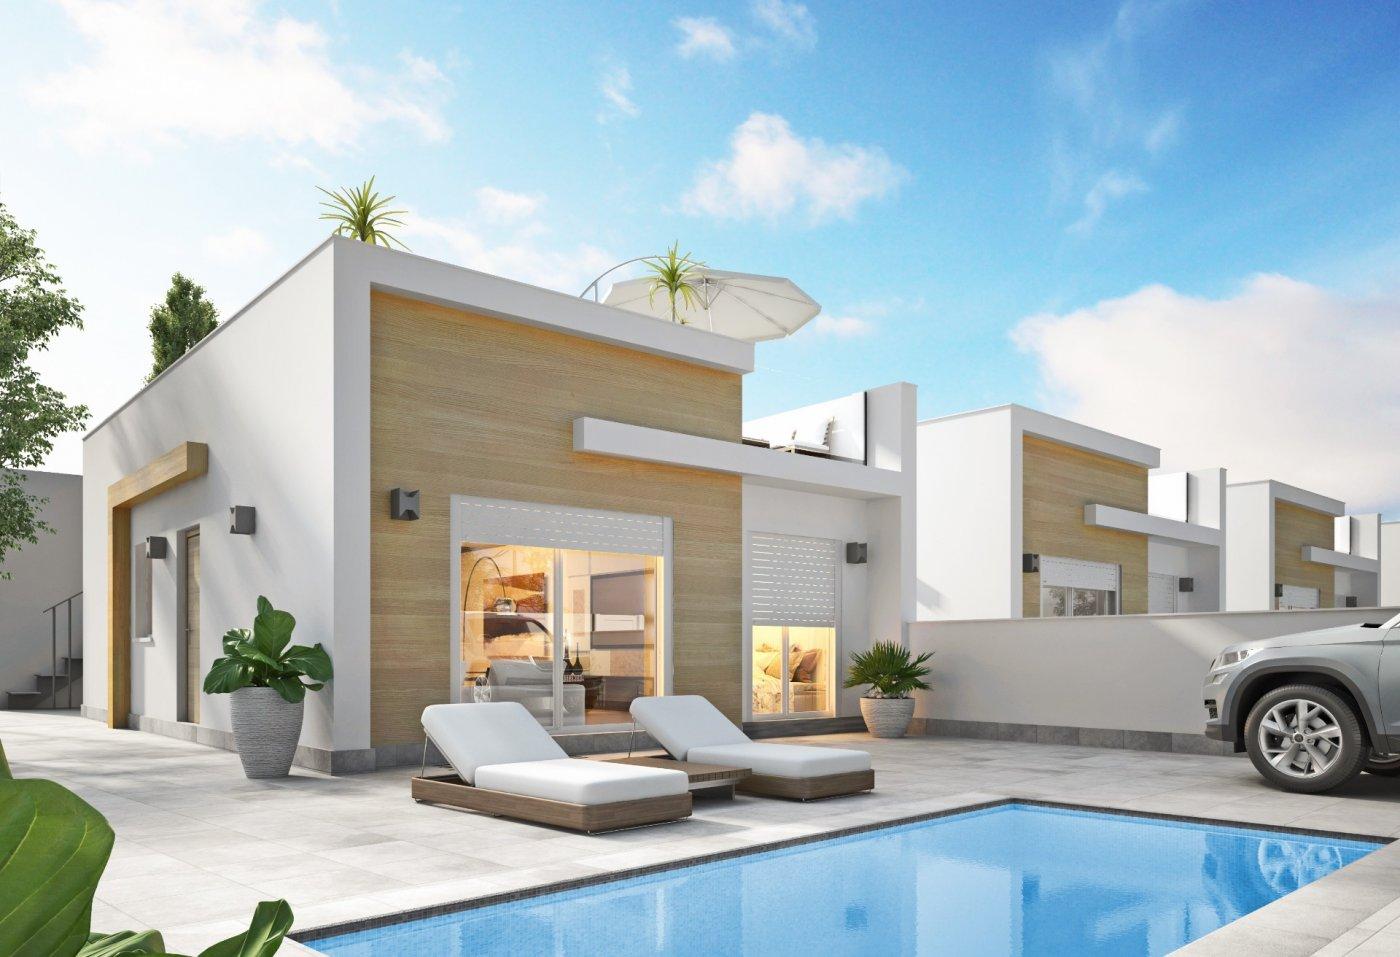 Villas modernas en avileses - imagenInmueble0